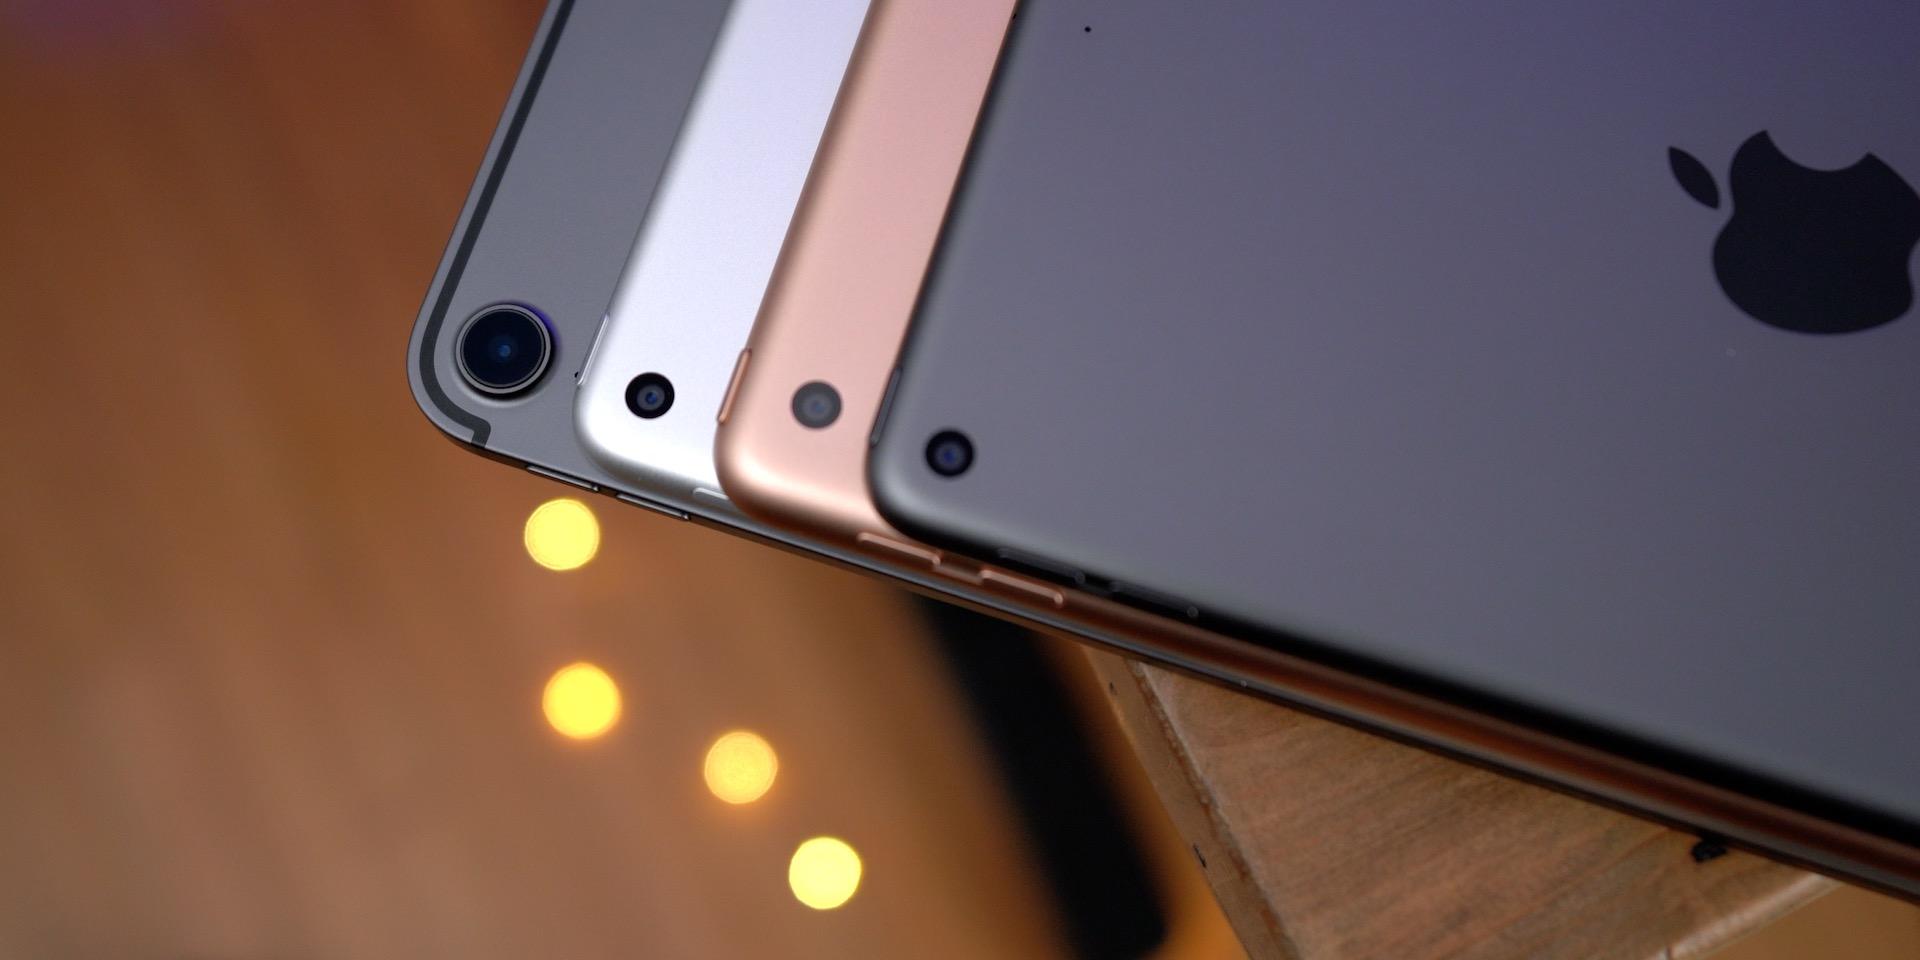 iOS 13 features ipad